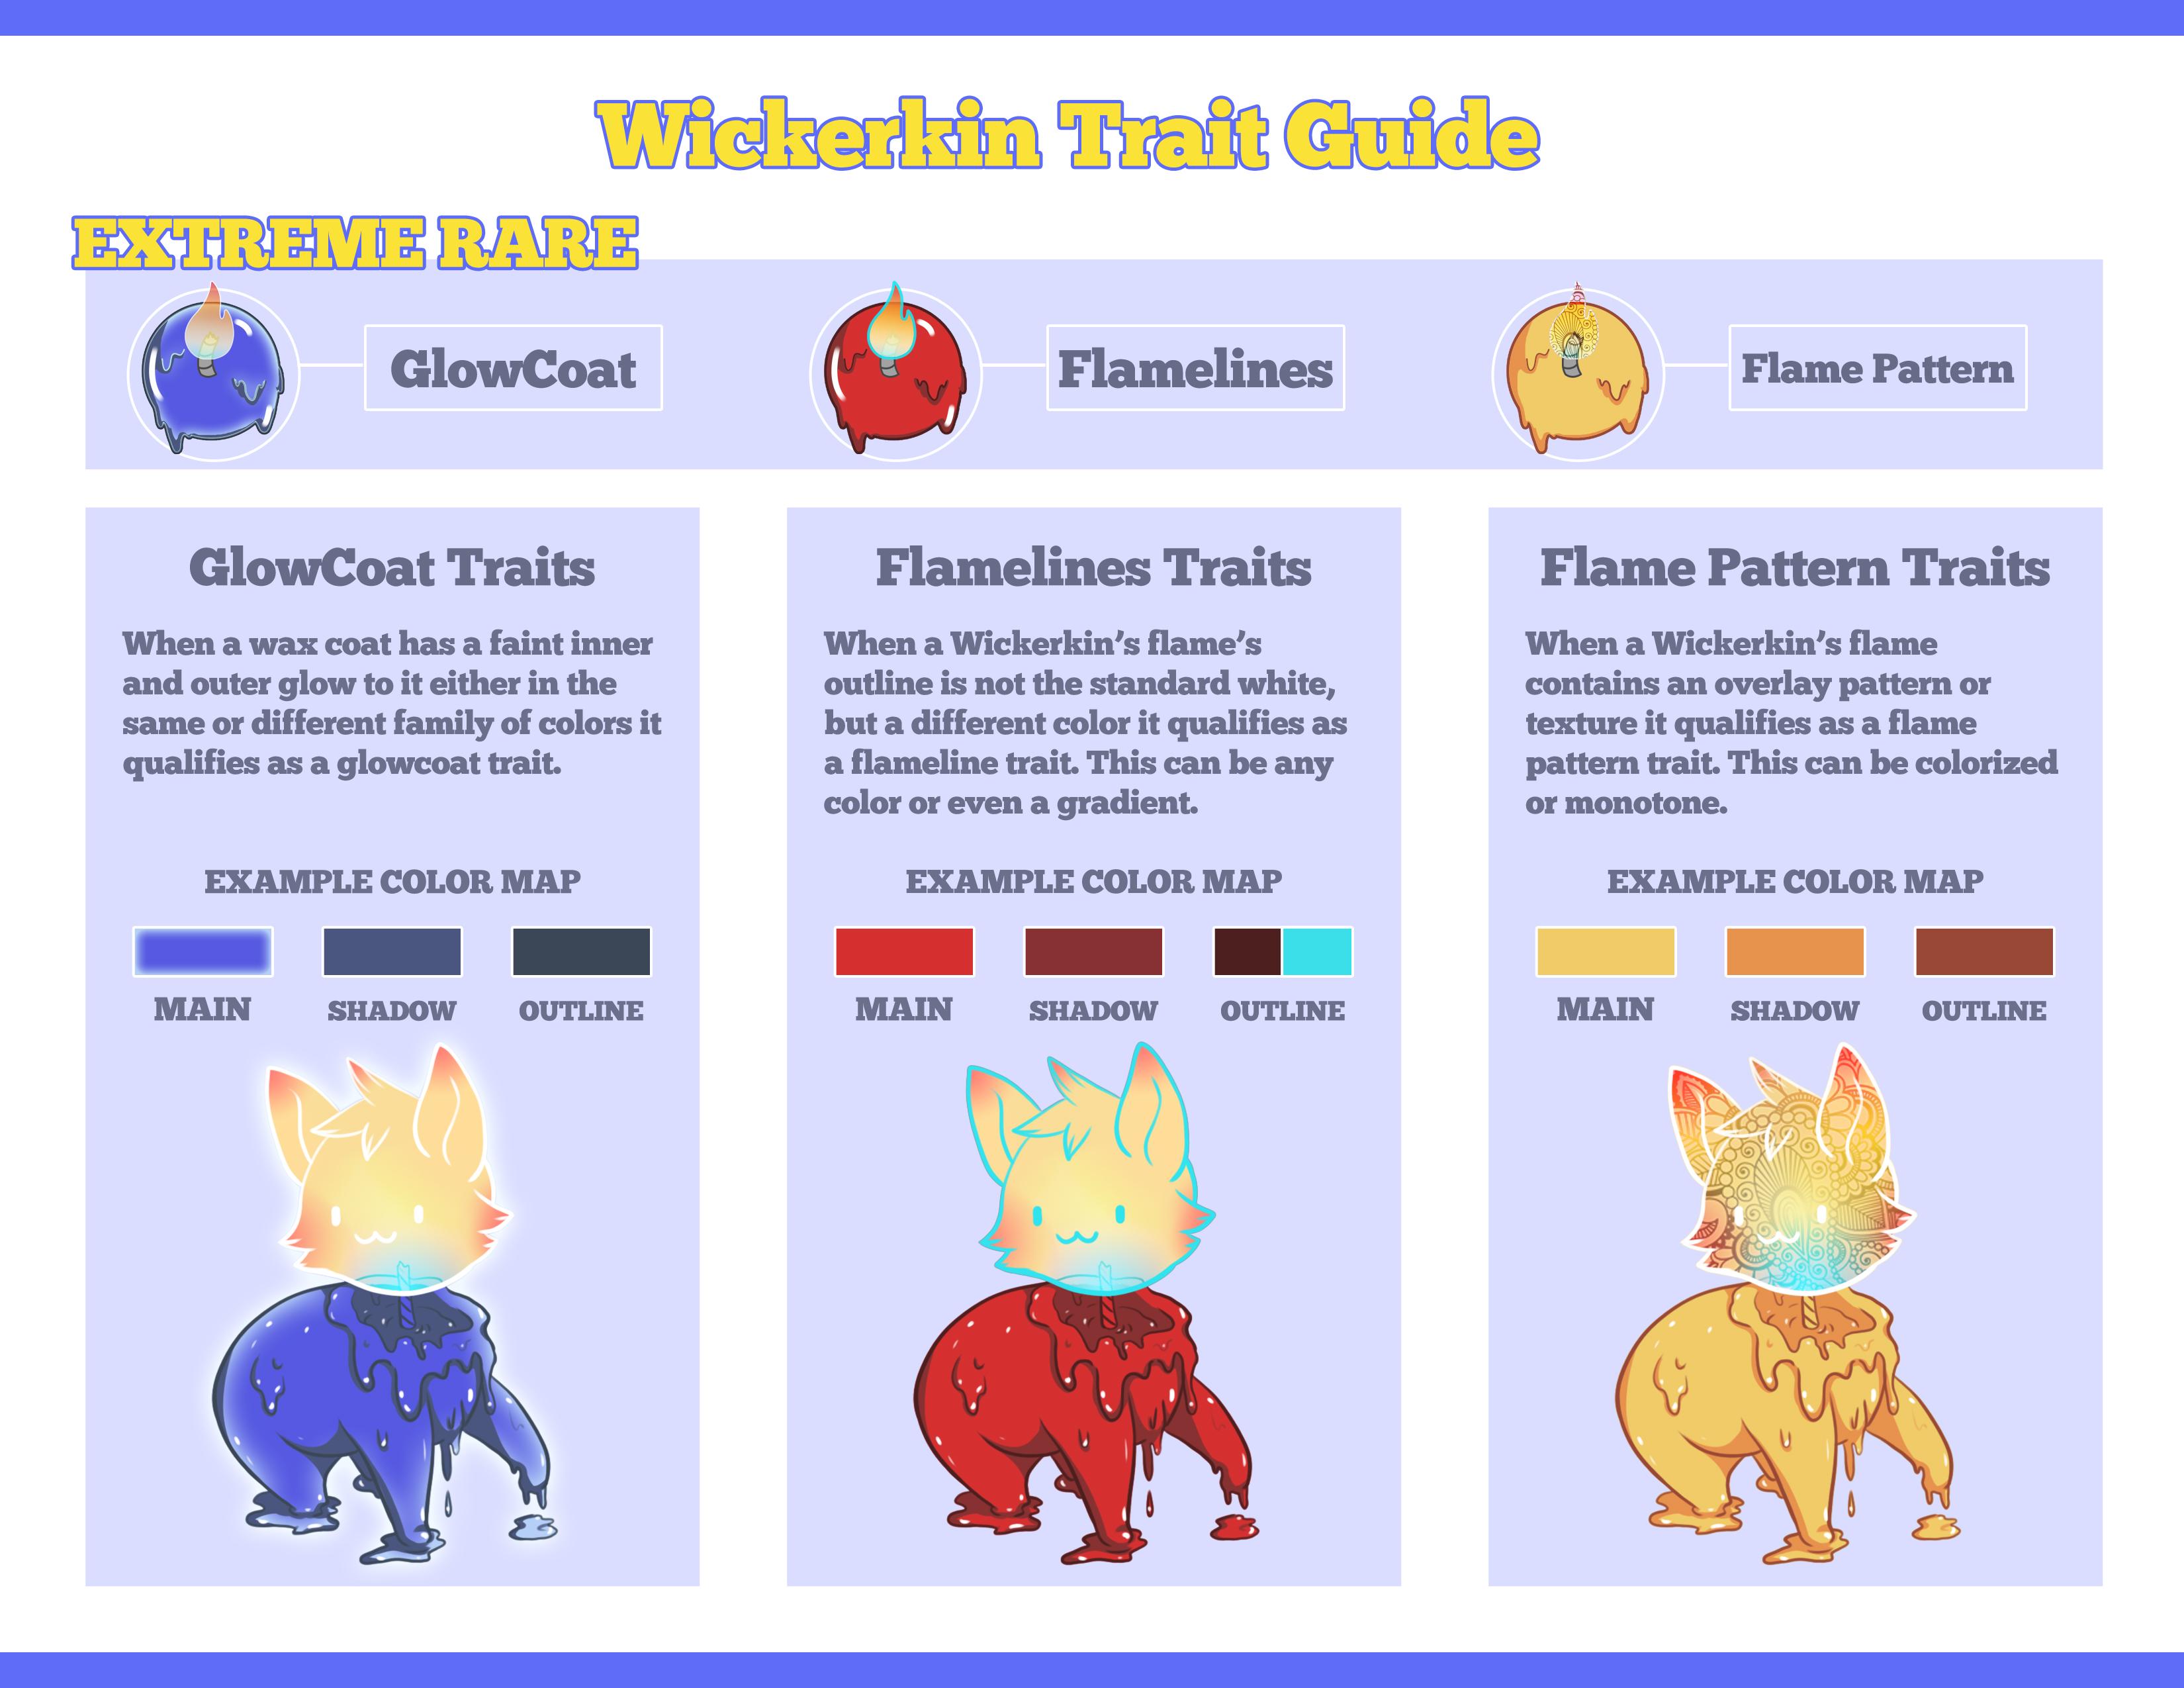 Wickerkin_Trait_Guide_Extreme_Rare_Trait